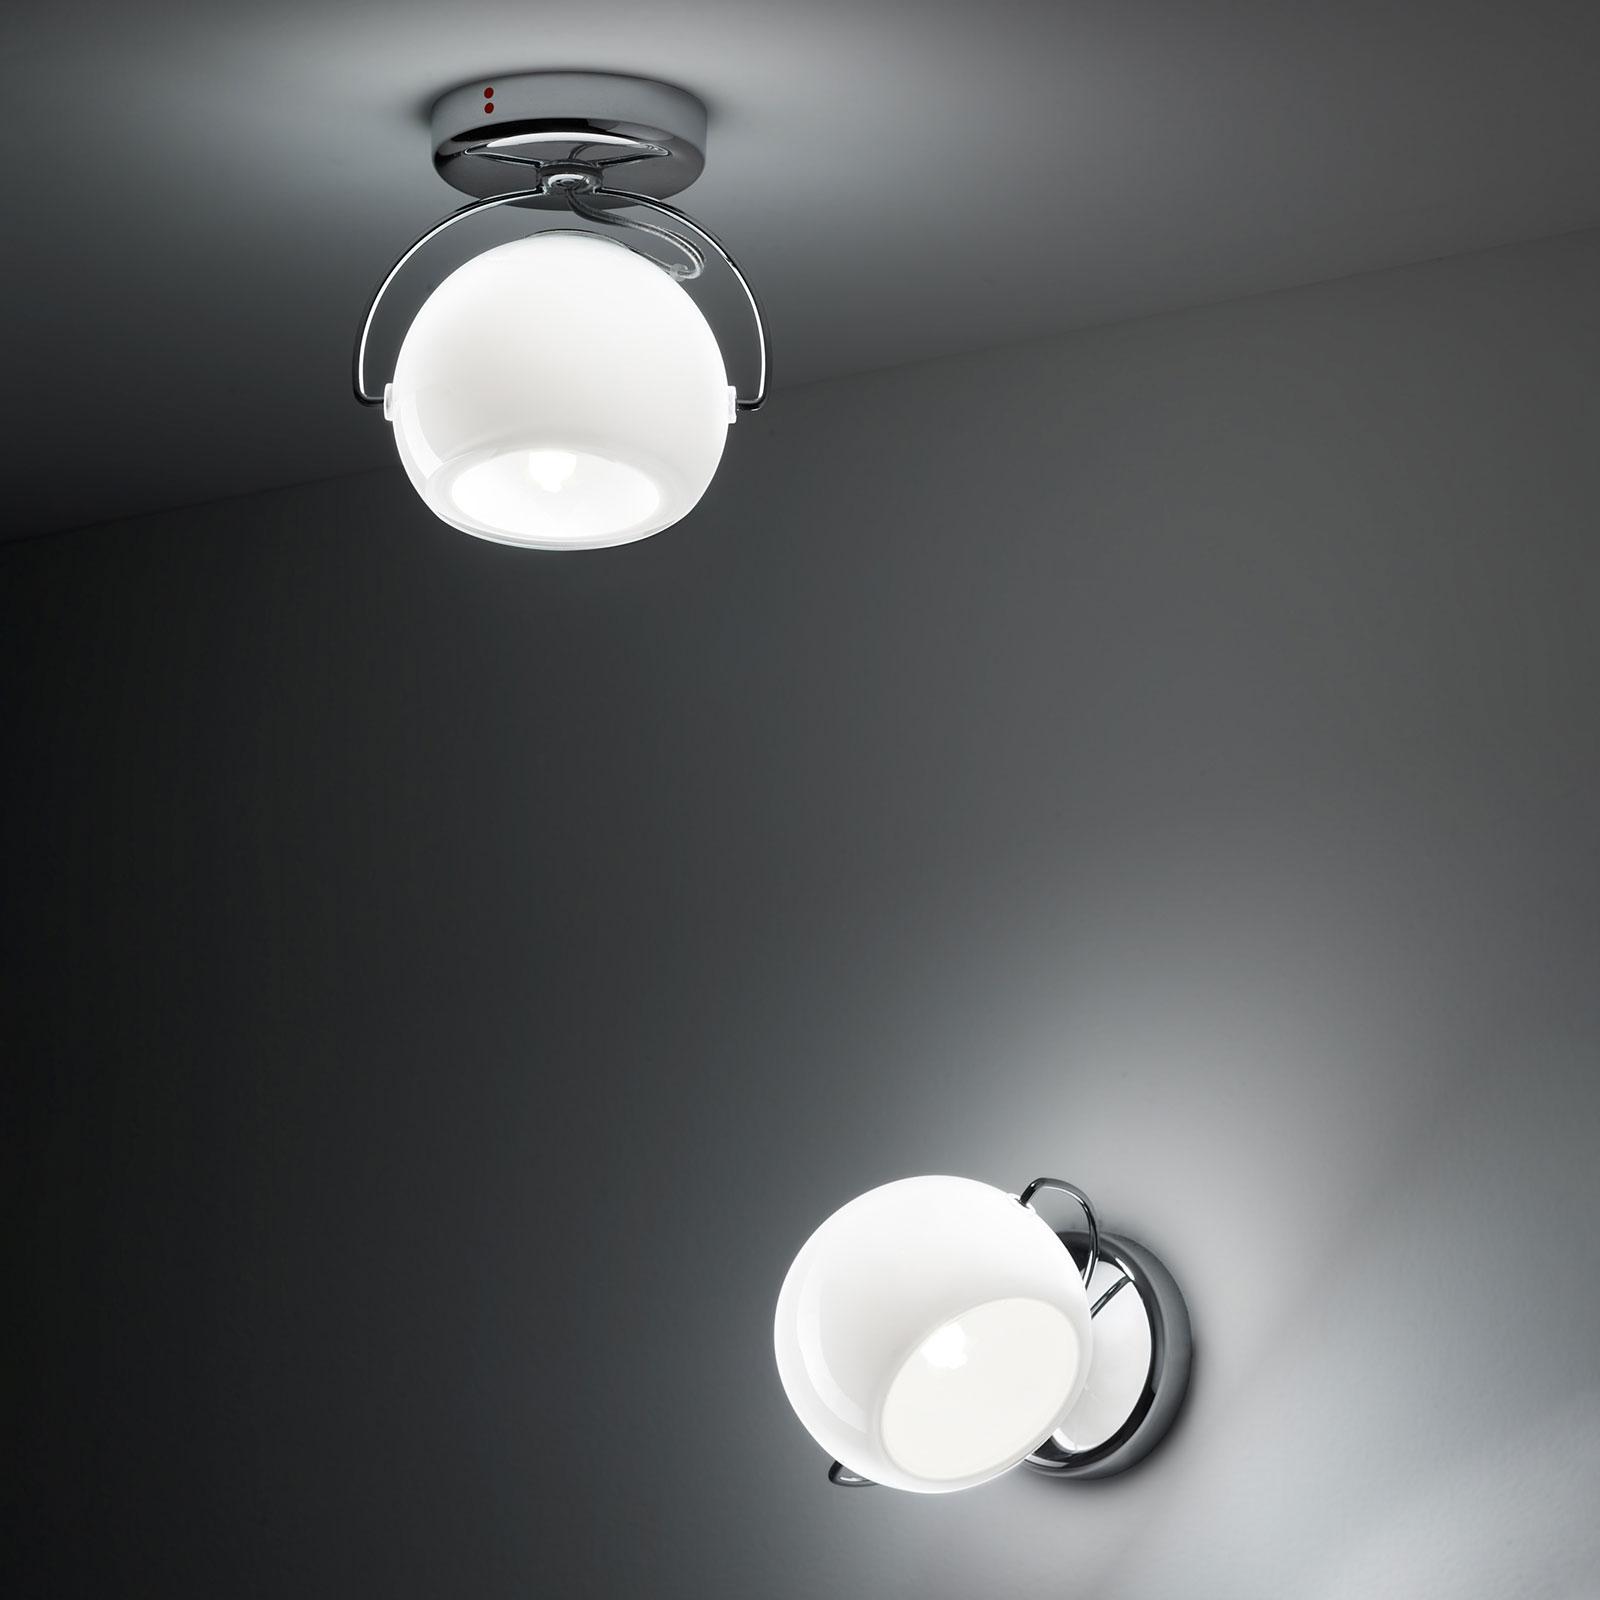 Fabbian Beluga White lampa sufitowa 1-punktowa